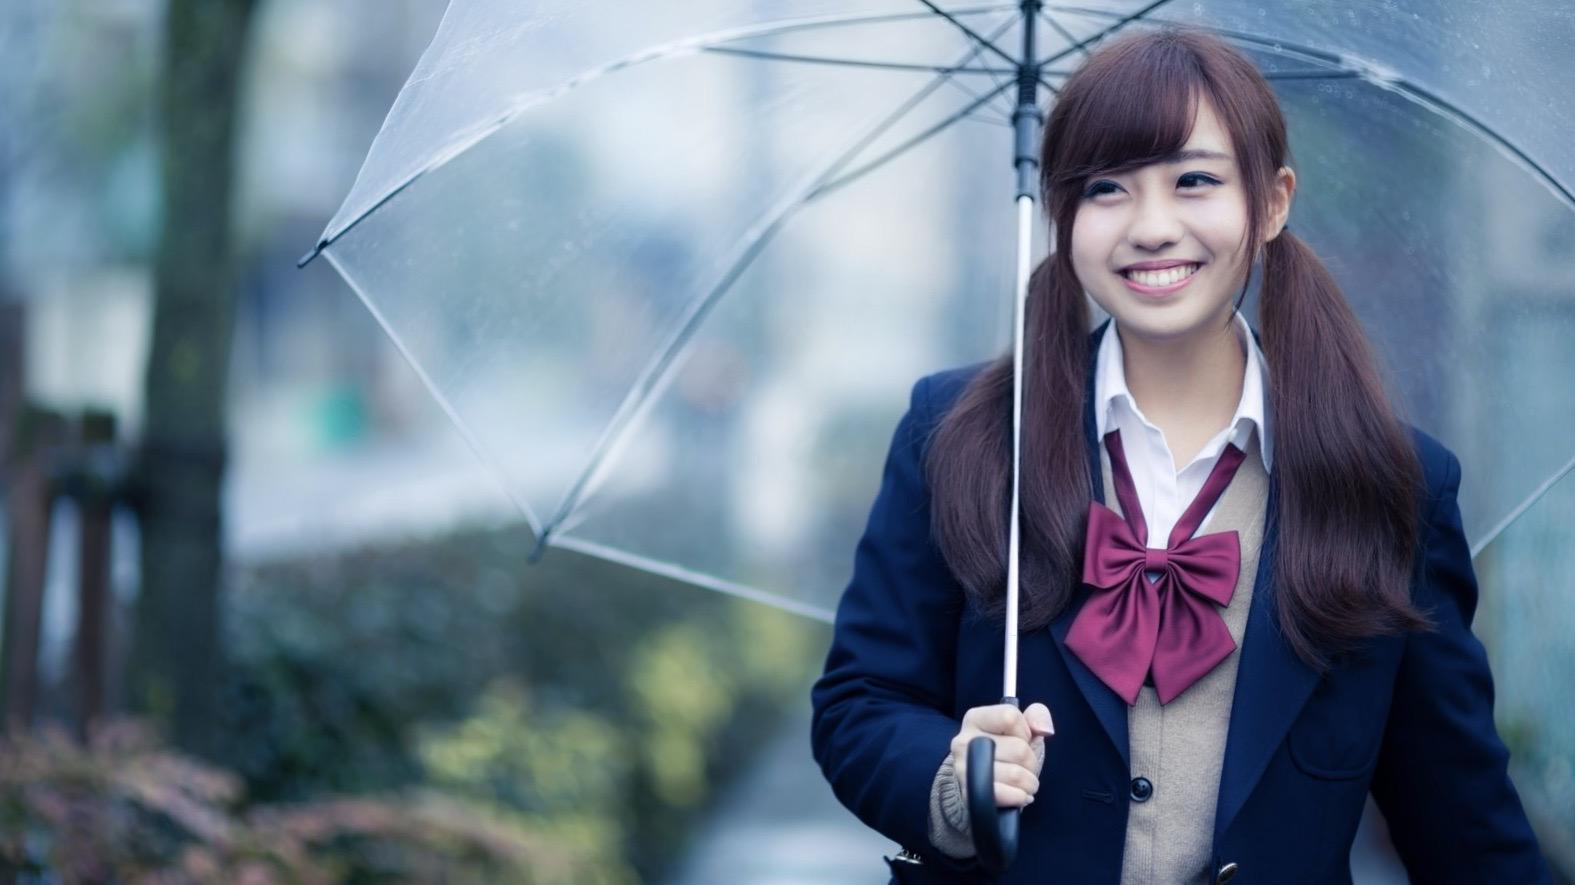 かわいい高校生